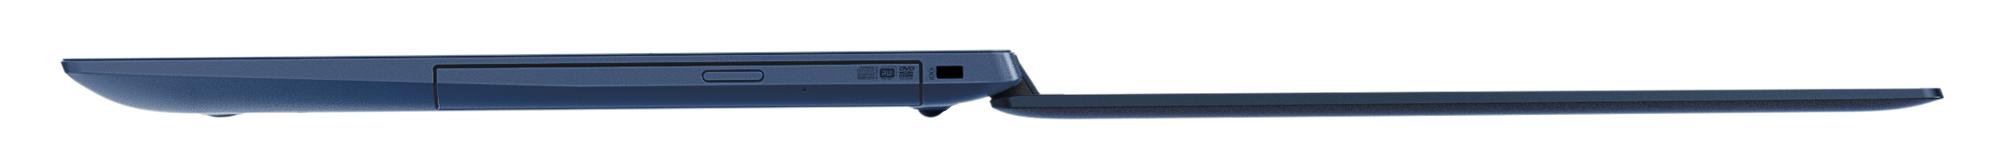 Фото  Ноутбук Lenovo ideapad 330-15 Midnight Blue (81D100H7RA)